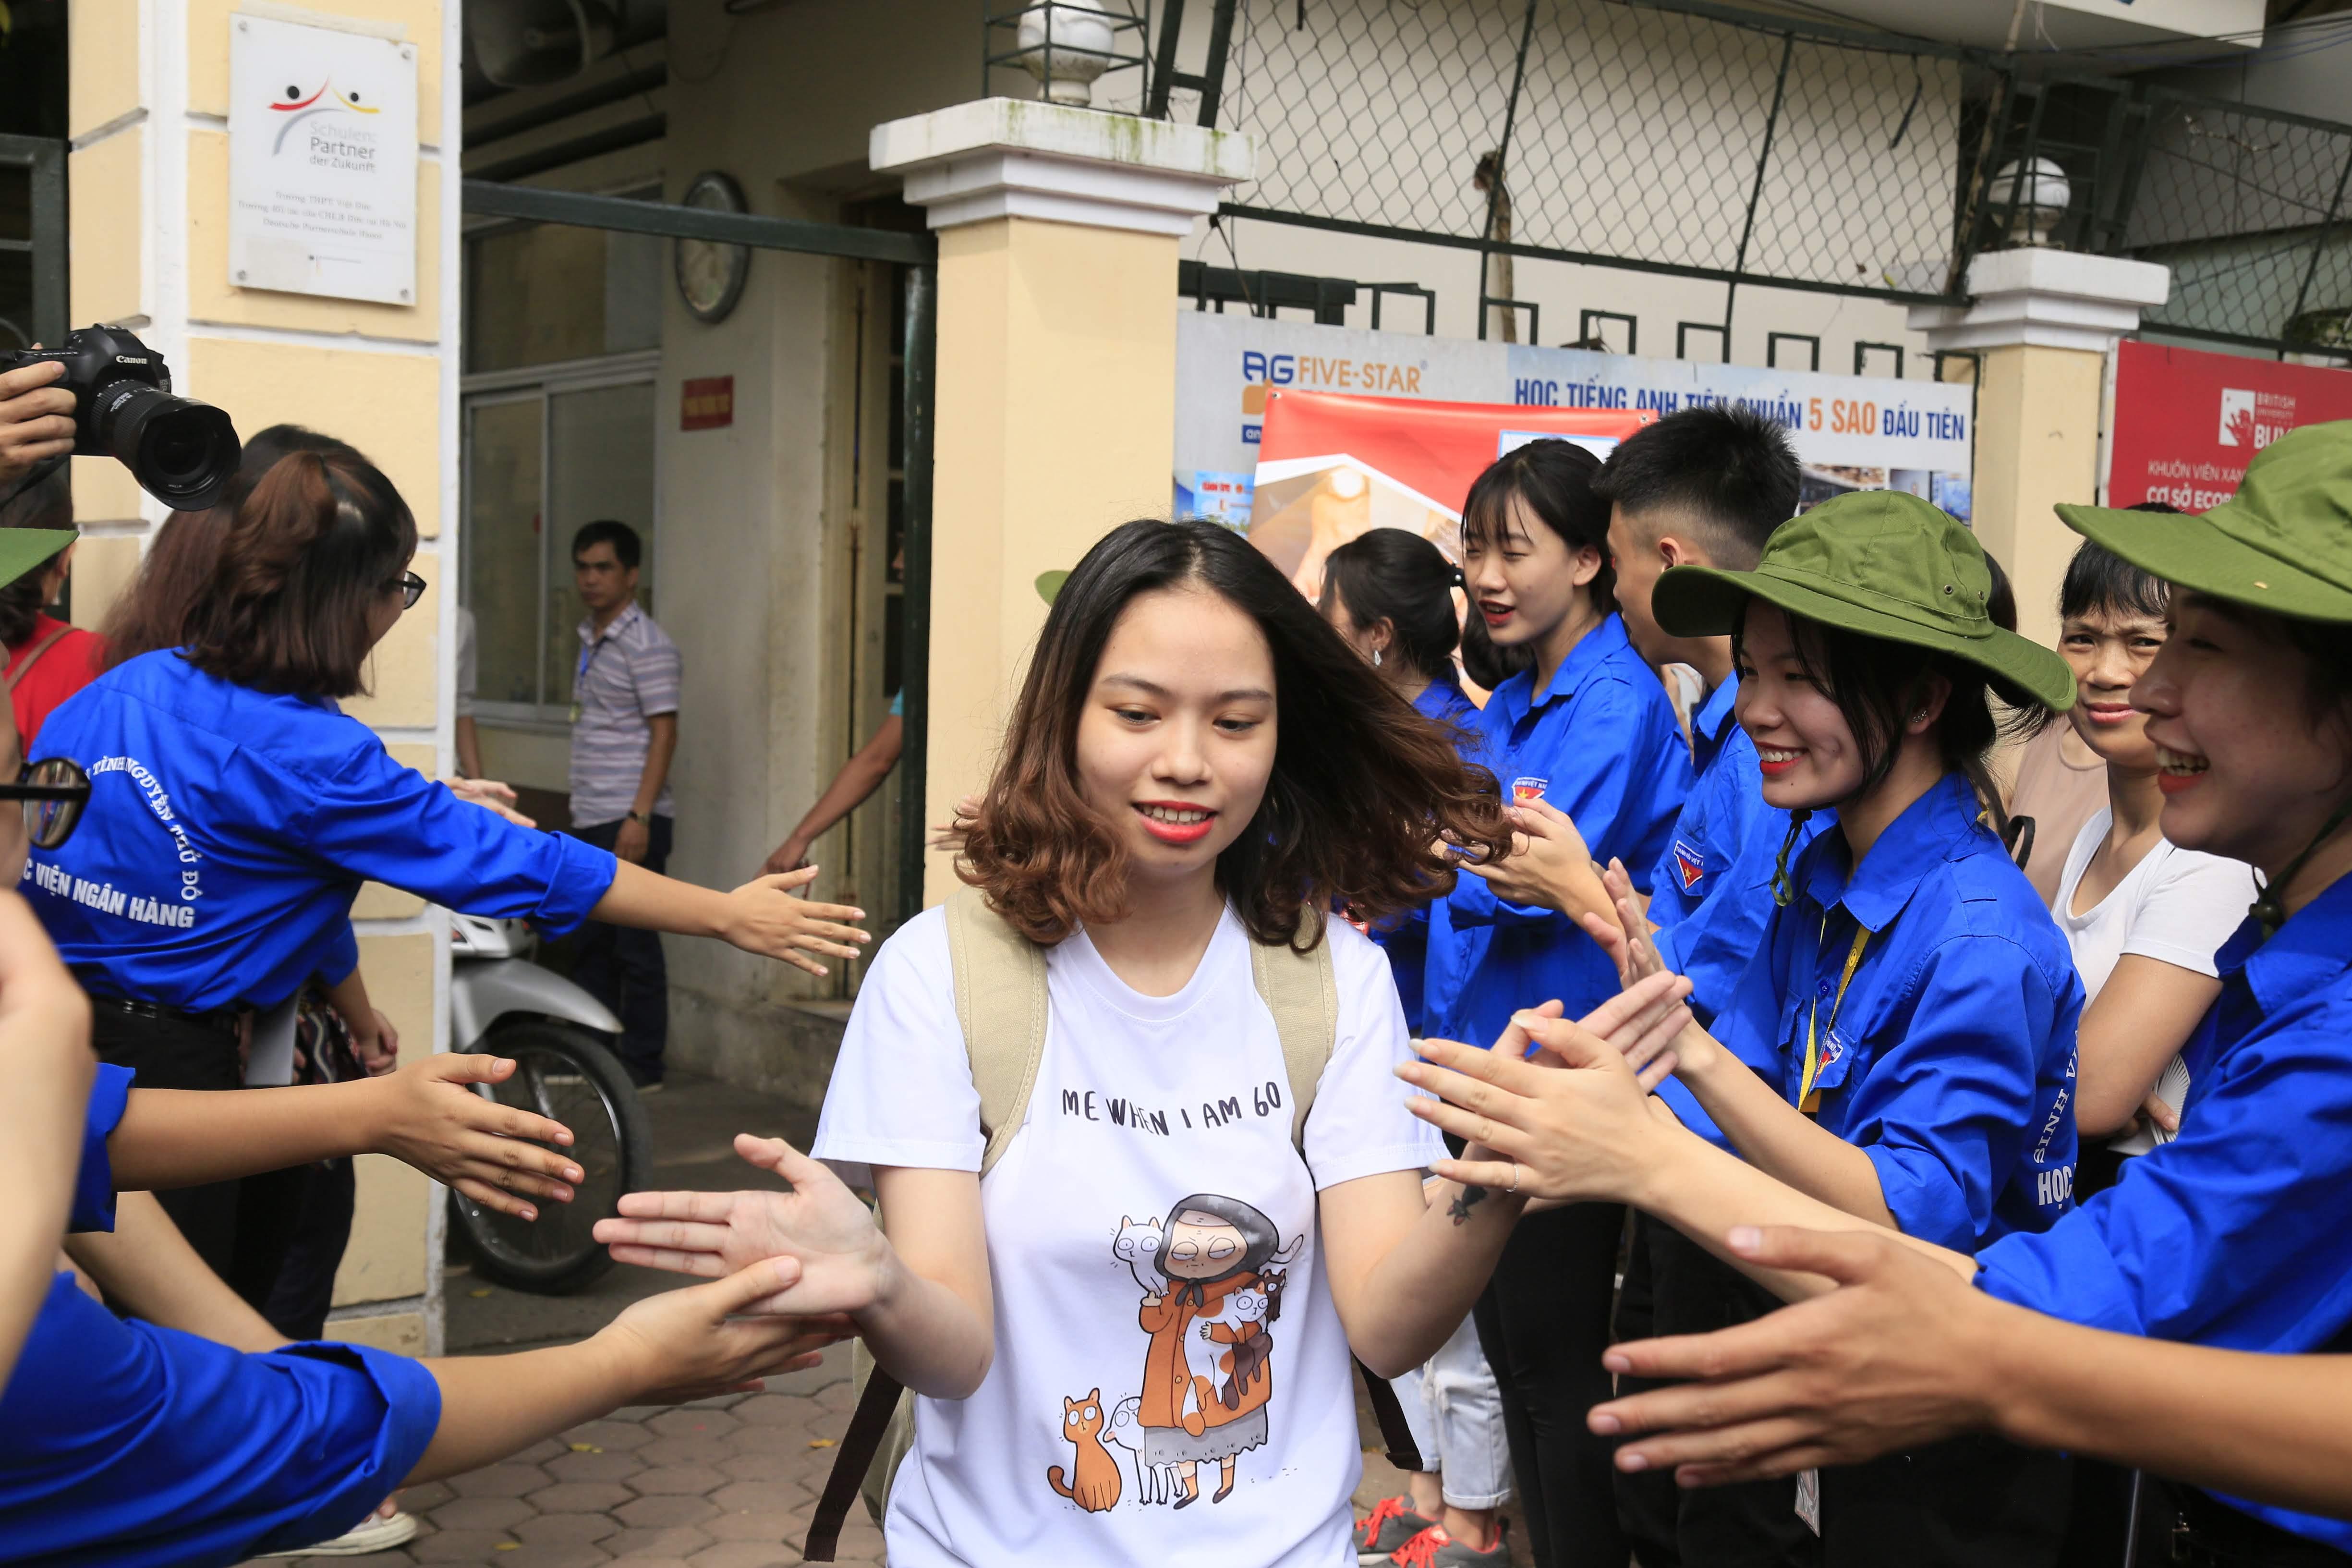 Sinh viên tình nguyện tham gia chương trình Tiếp sức mùa thi (Ảnh: Phạm Quang Vinh).